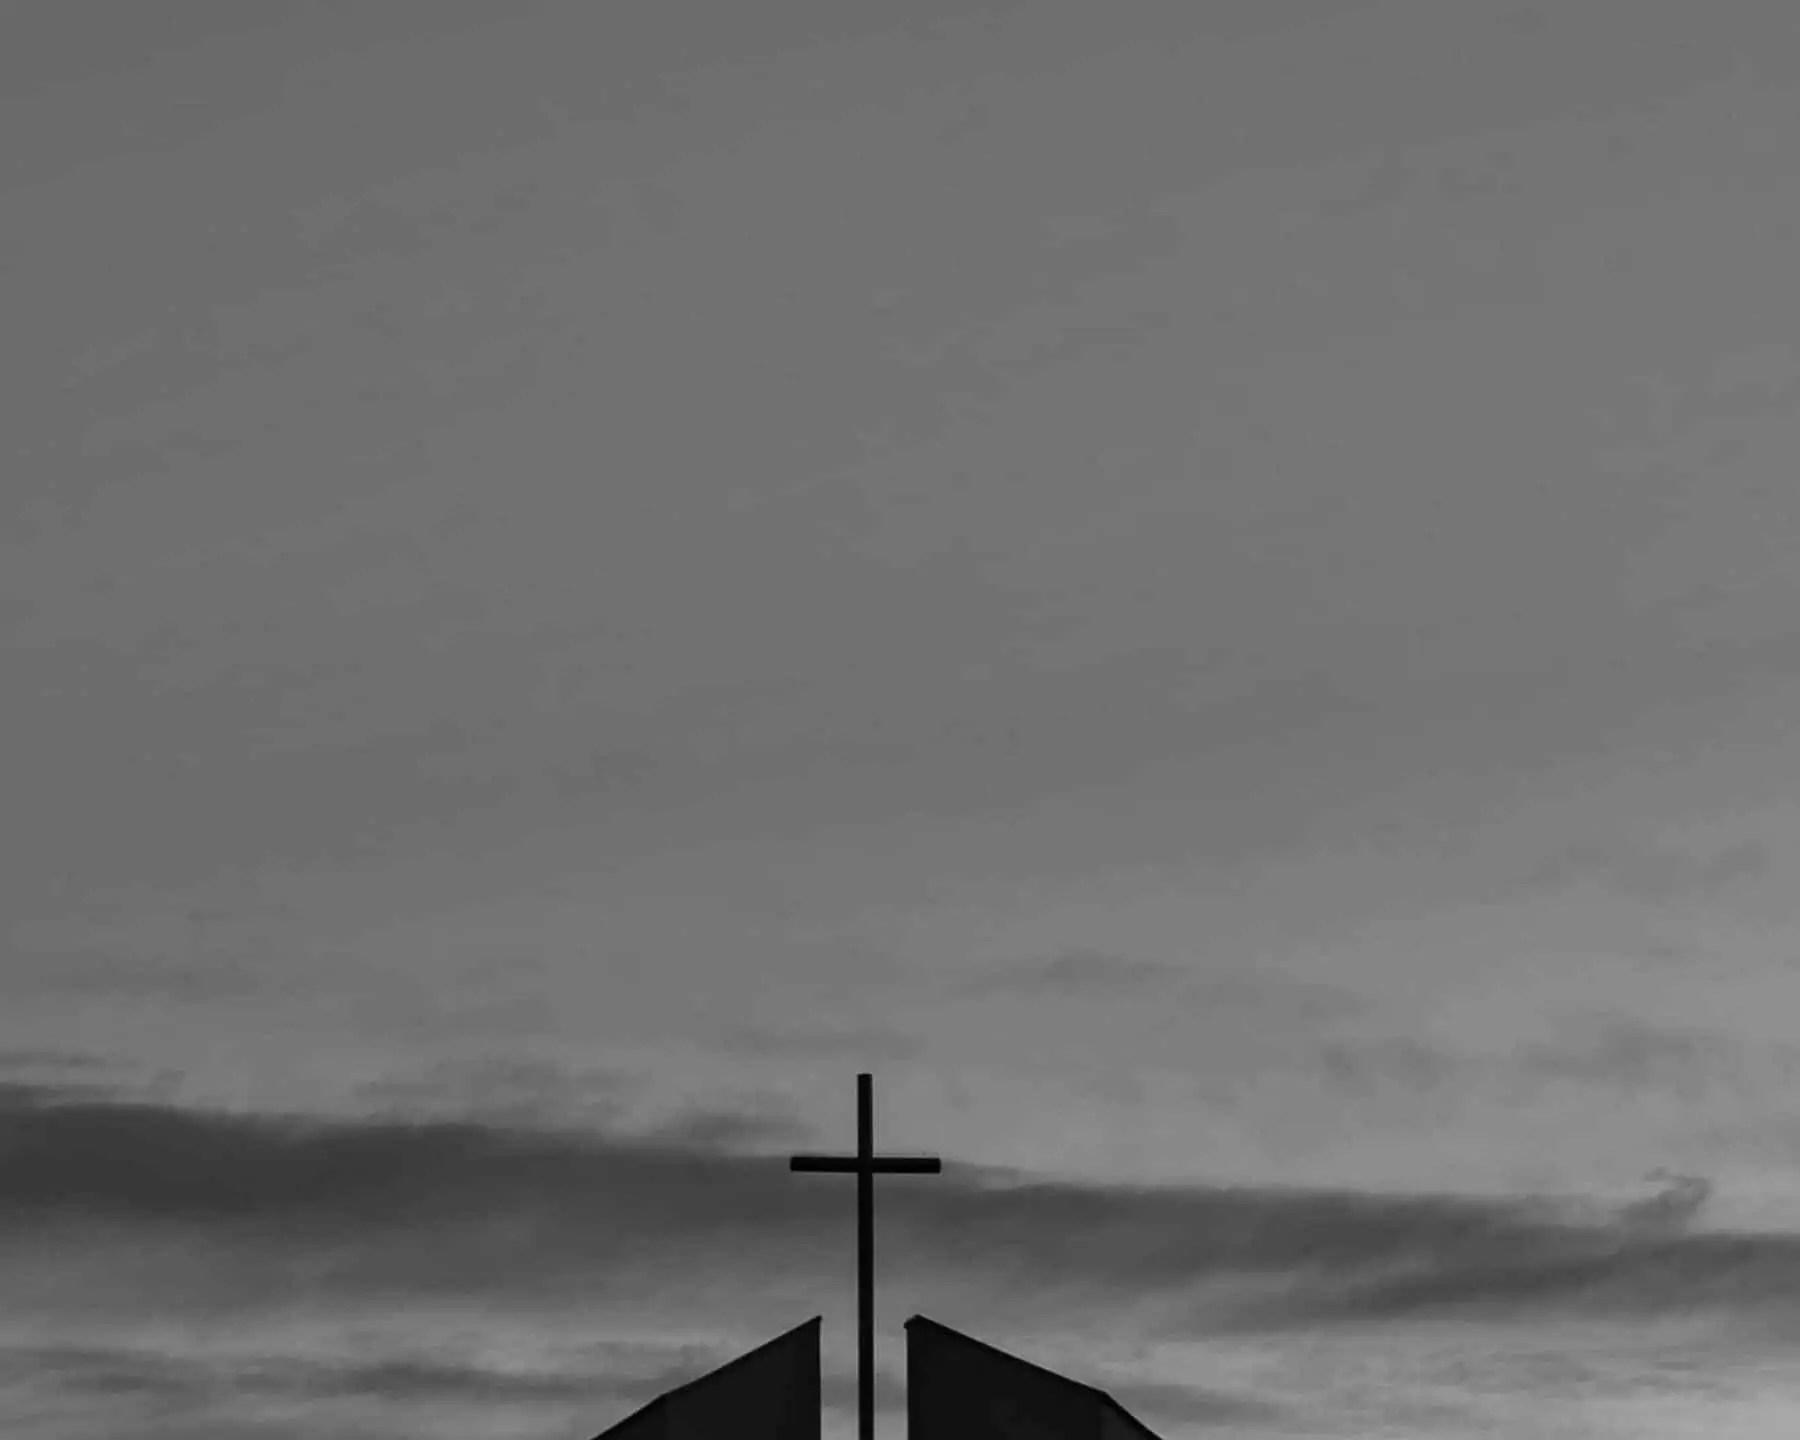 Krzyz nad niebie - Minimalizm w fotografii - wyzwanie fotograficzne